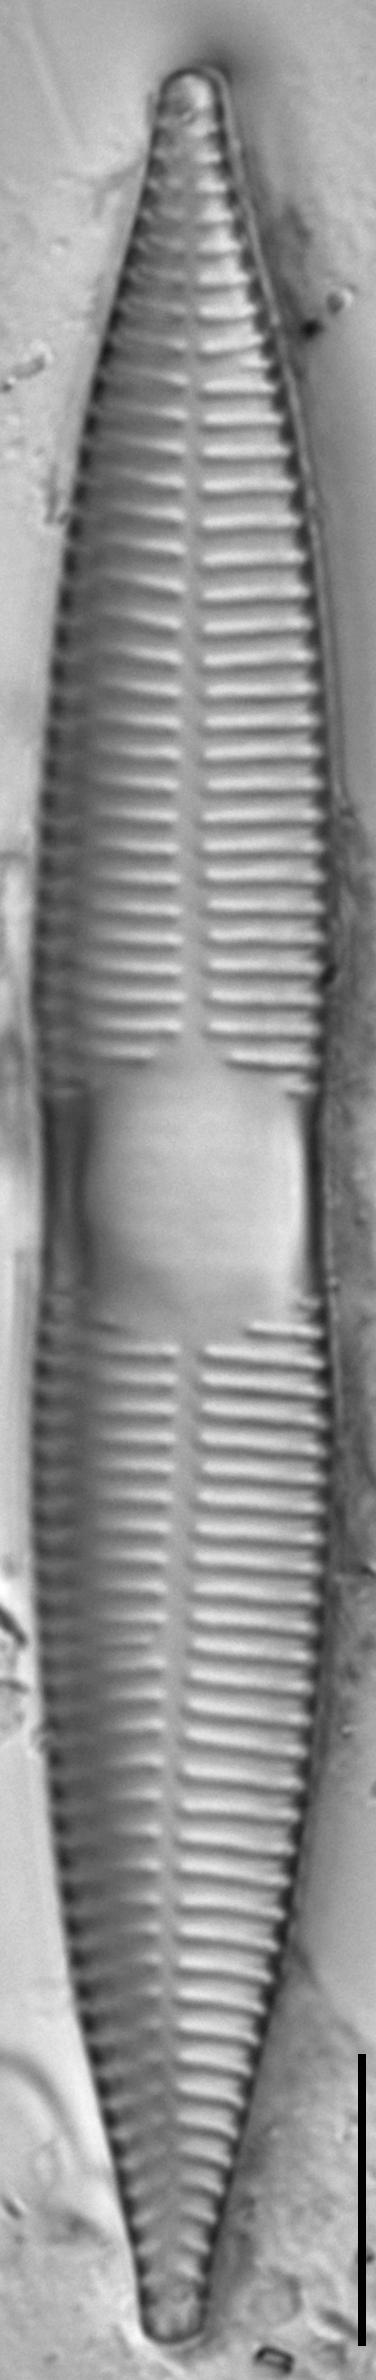 Synedra goulardi LM2